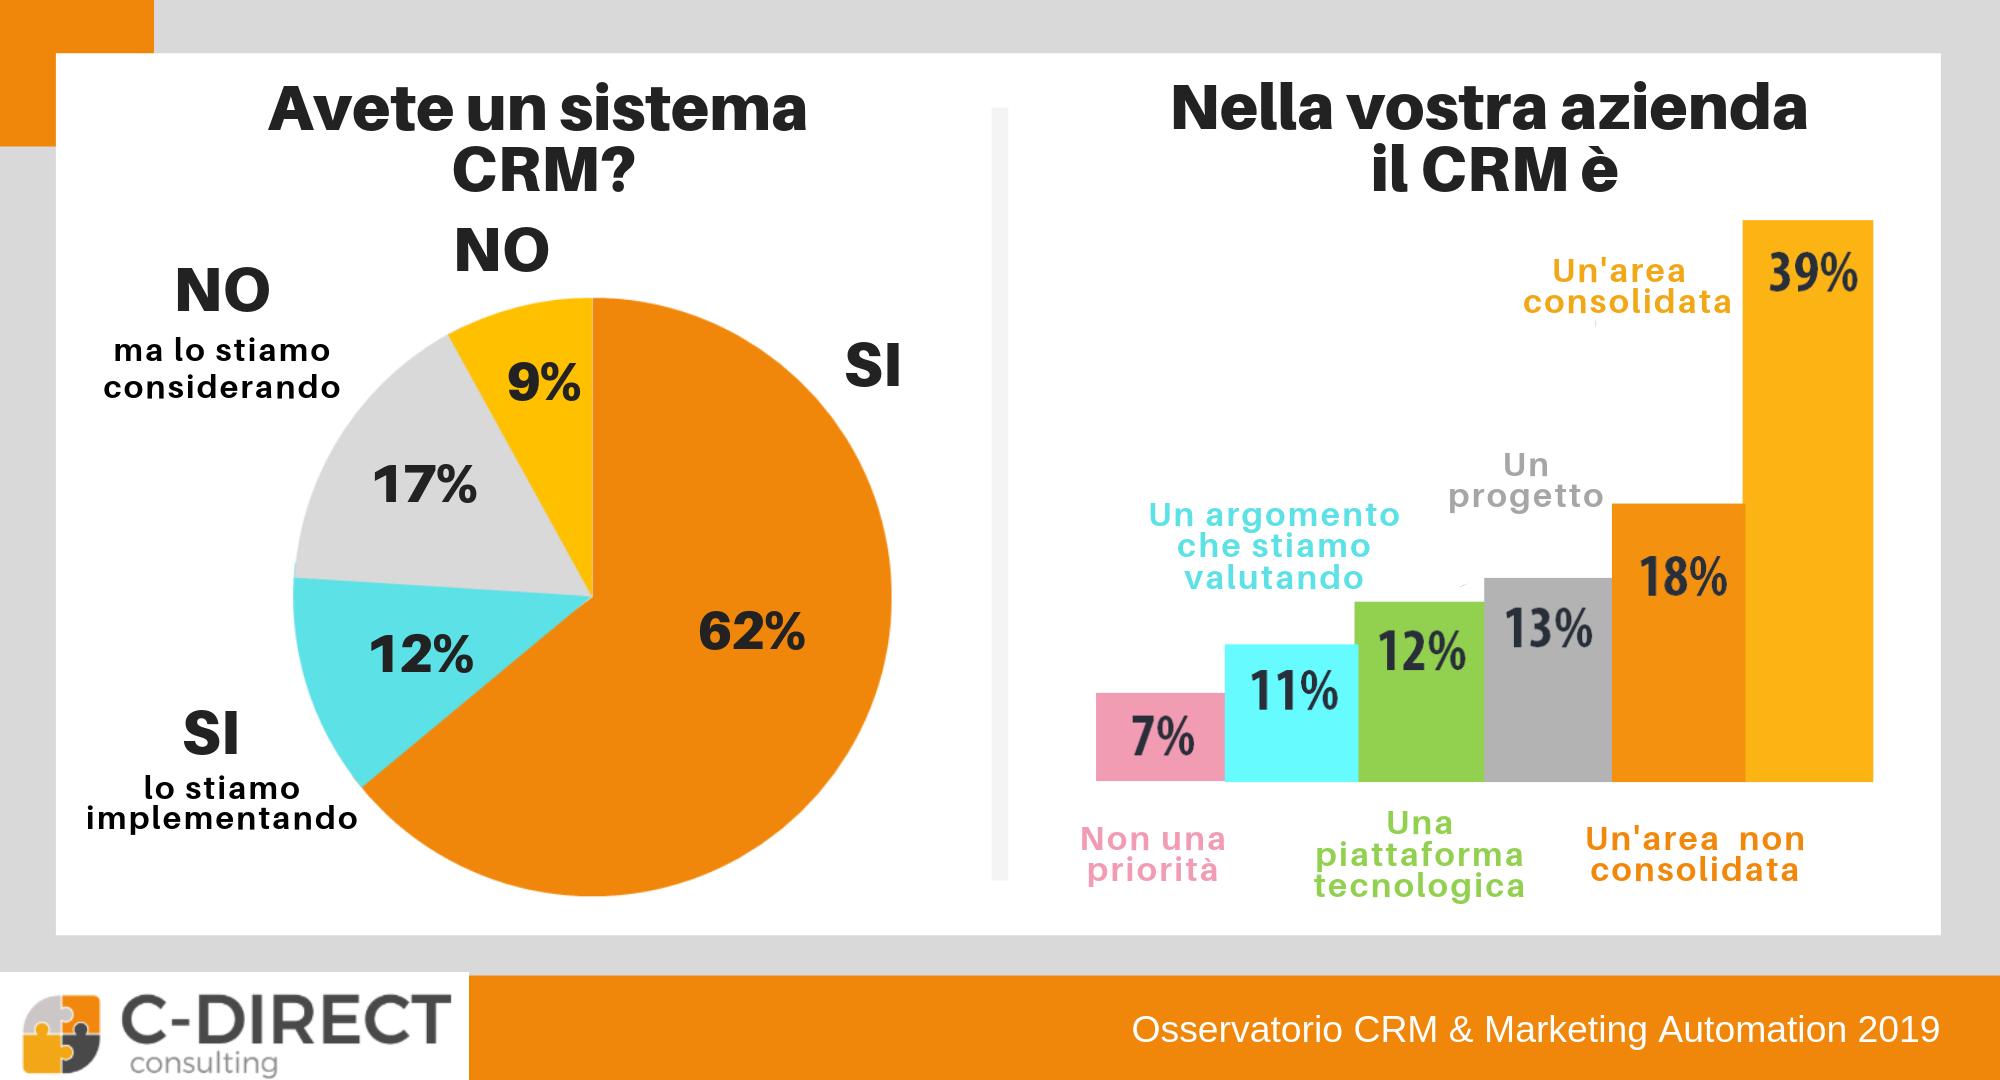 diffusione crm in italia